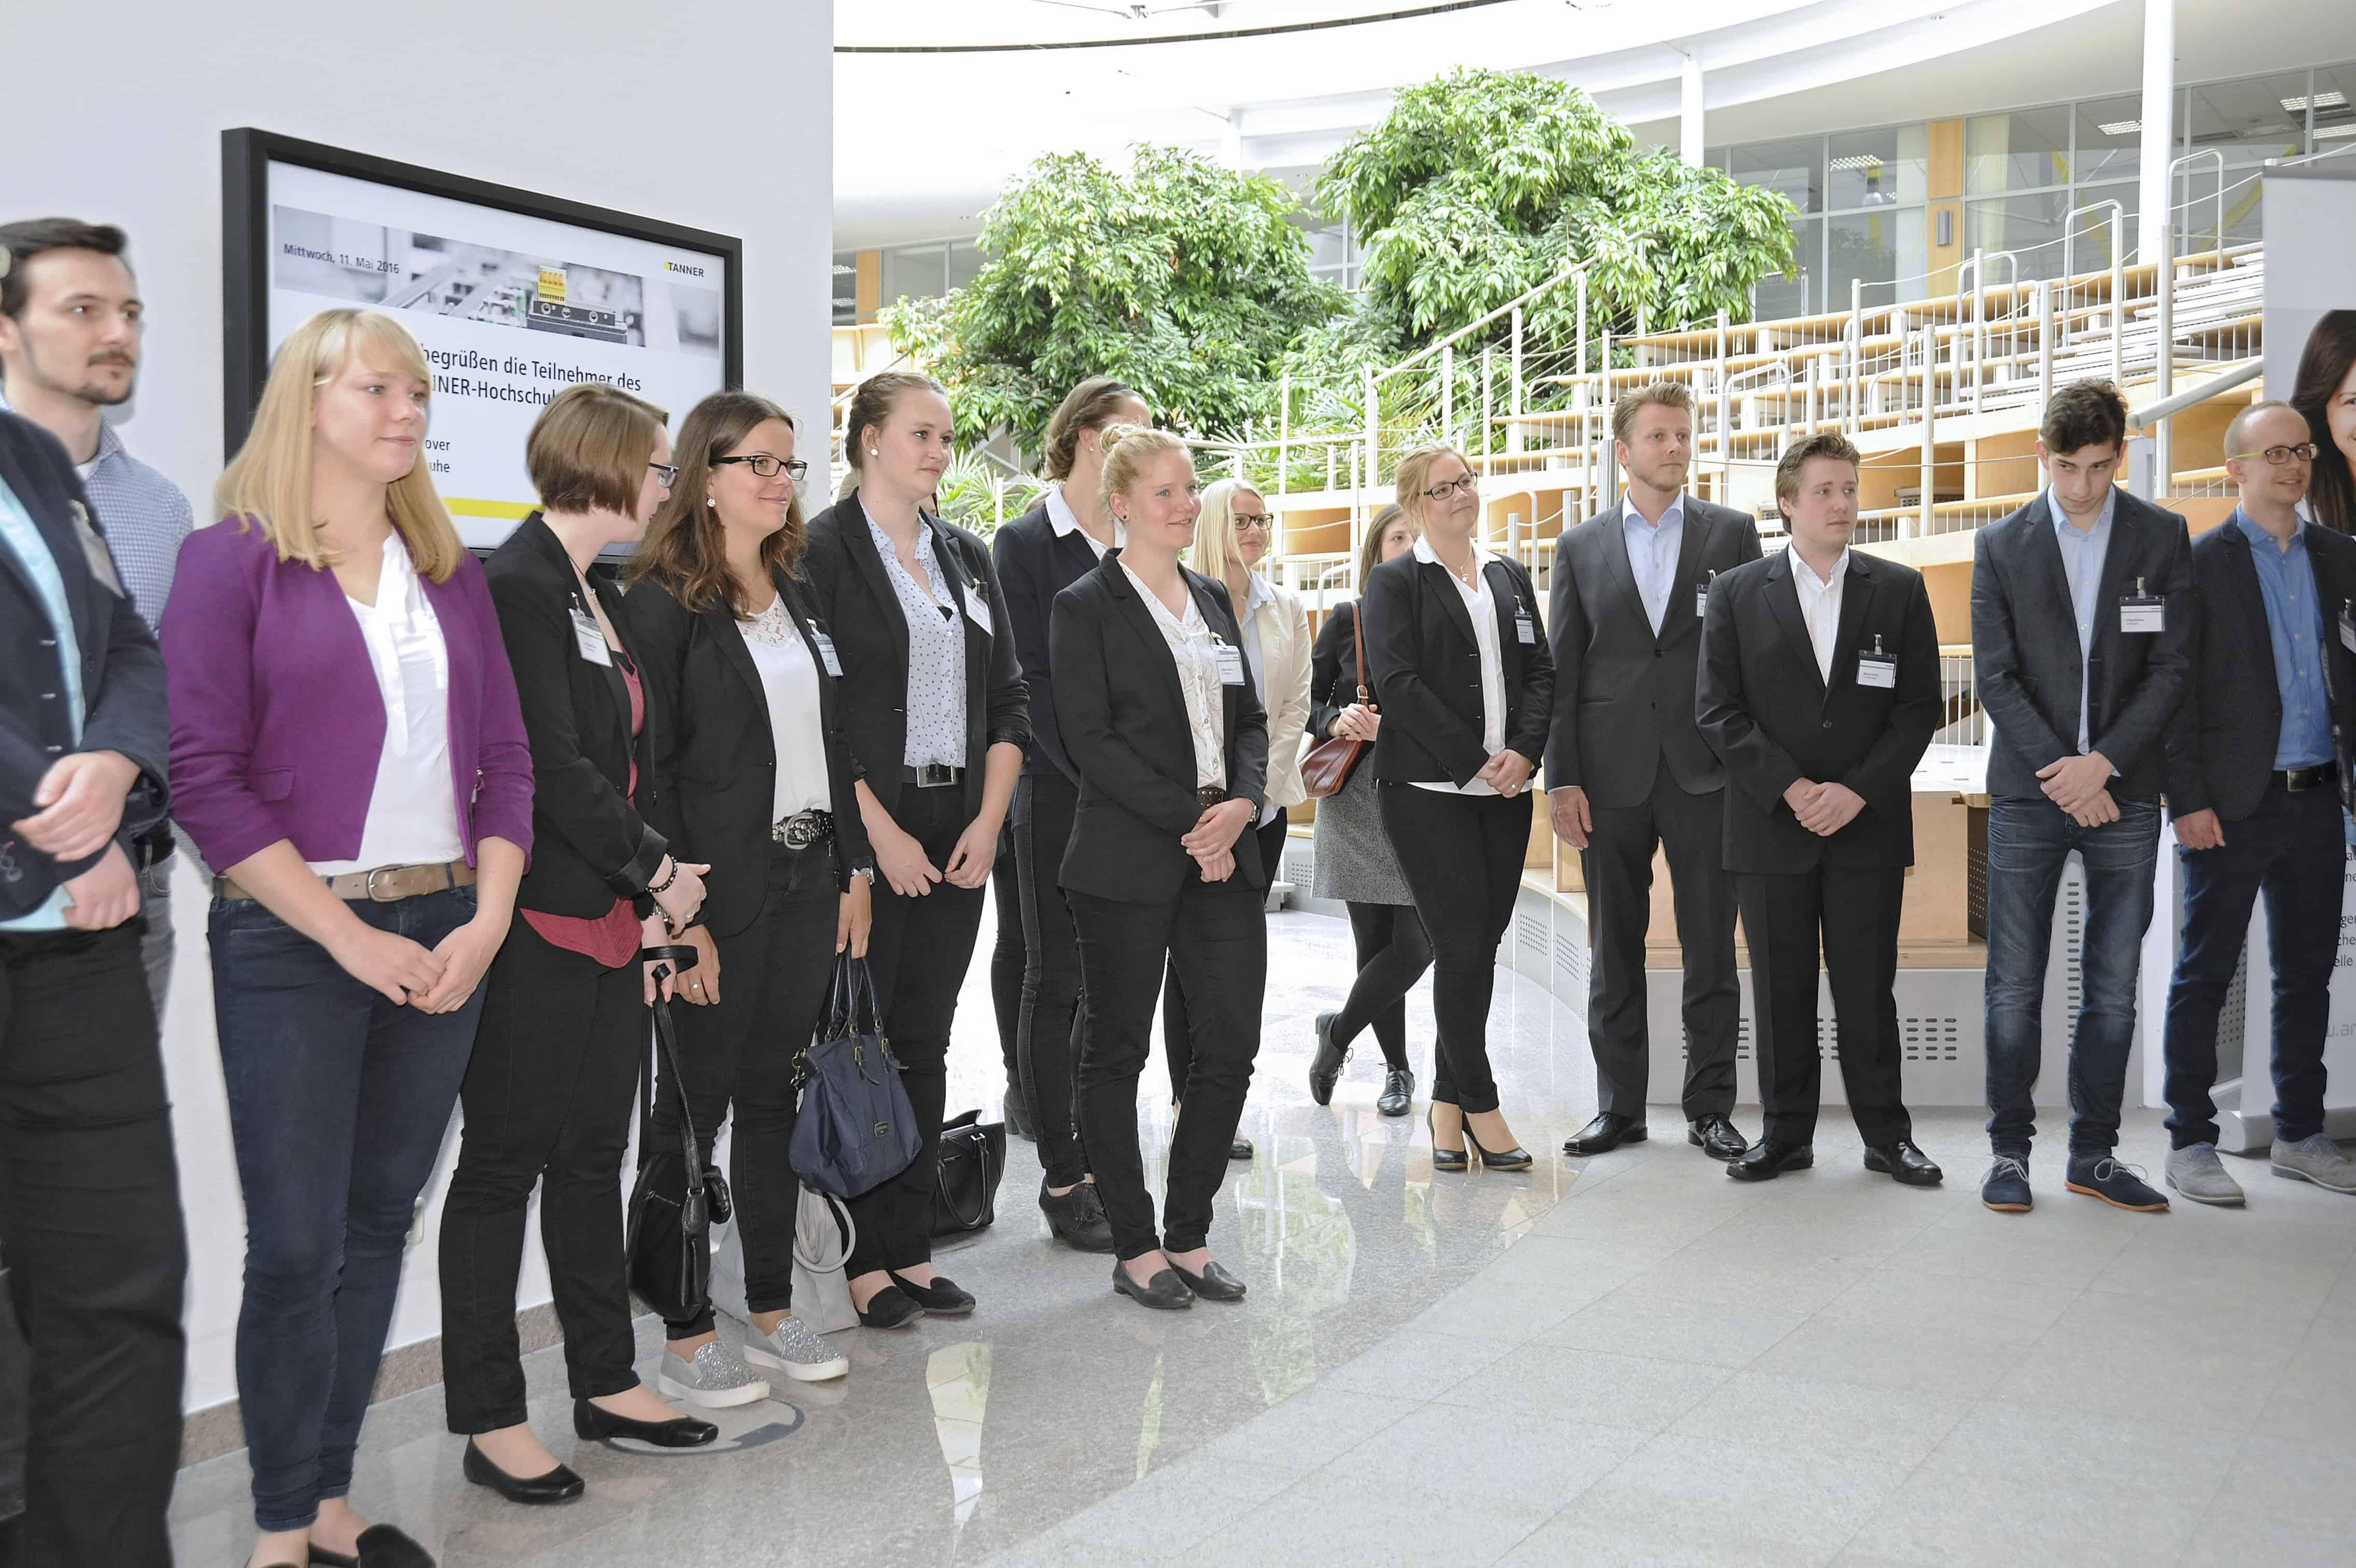 Impressionen von der Jurysitzung des 10. TANNER-Hochschulwettbewerbs